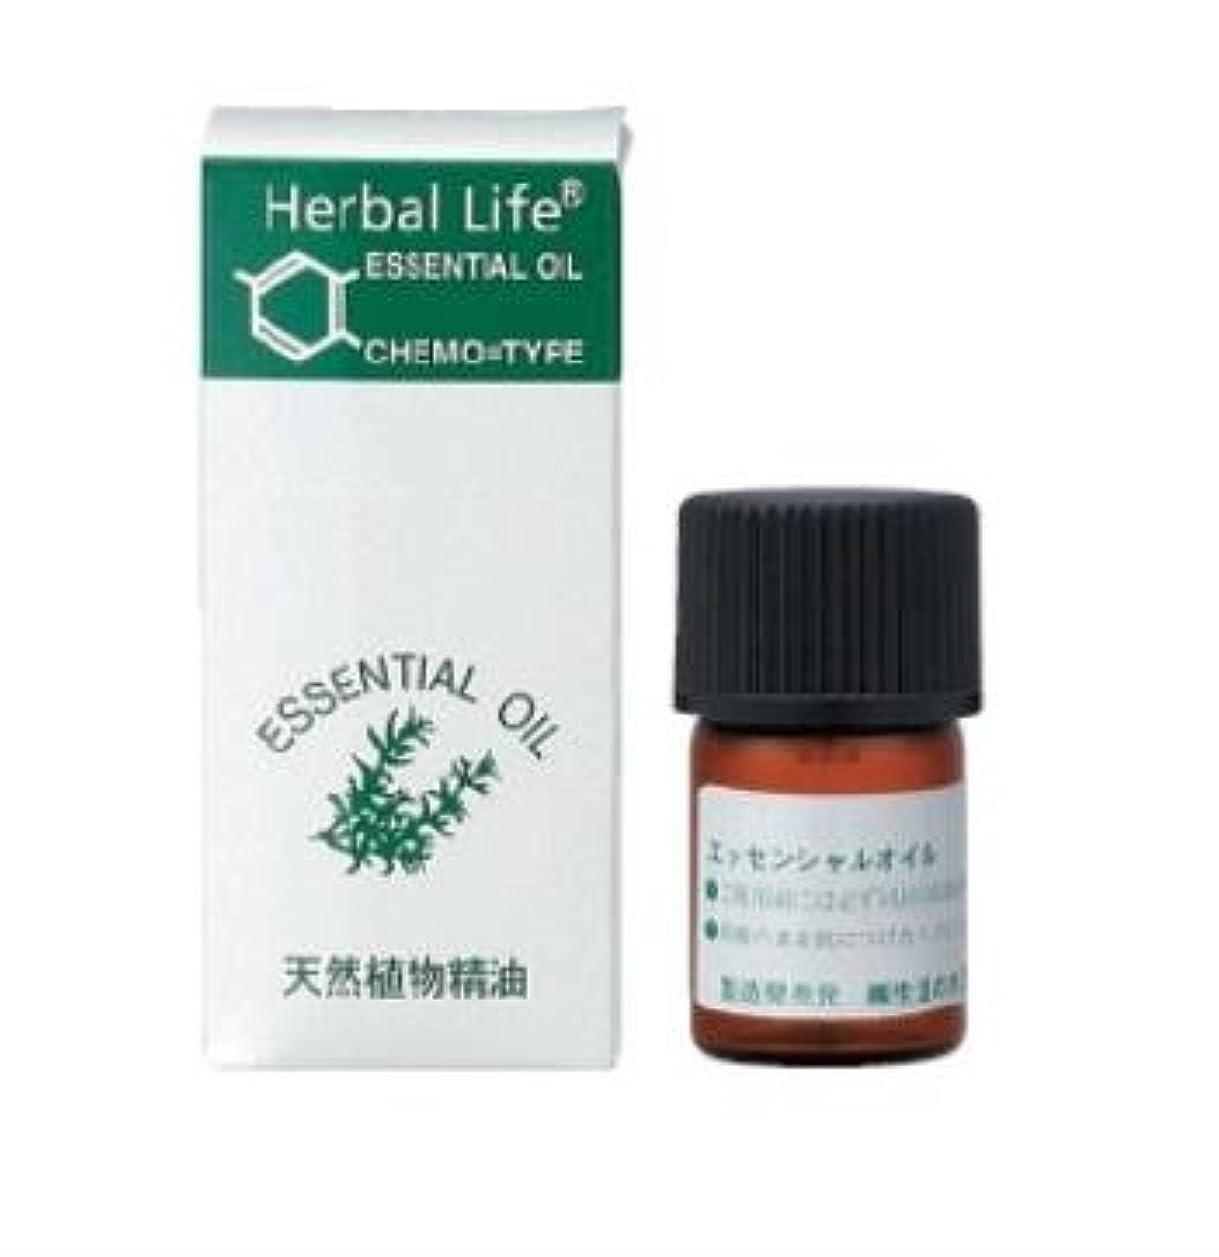 鉛筆喜びコンプリート生活の木 エッセンシャルオイル イランイラン 精油 3ml アロマオイル アロマ